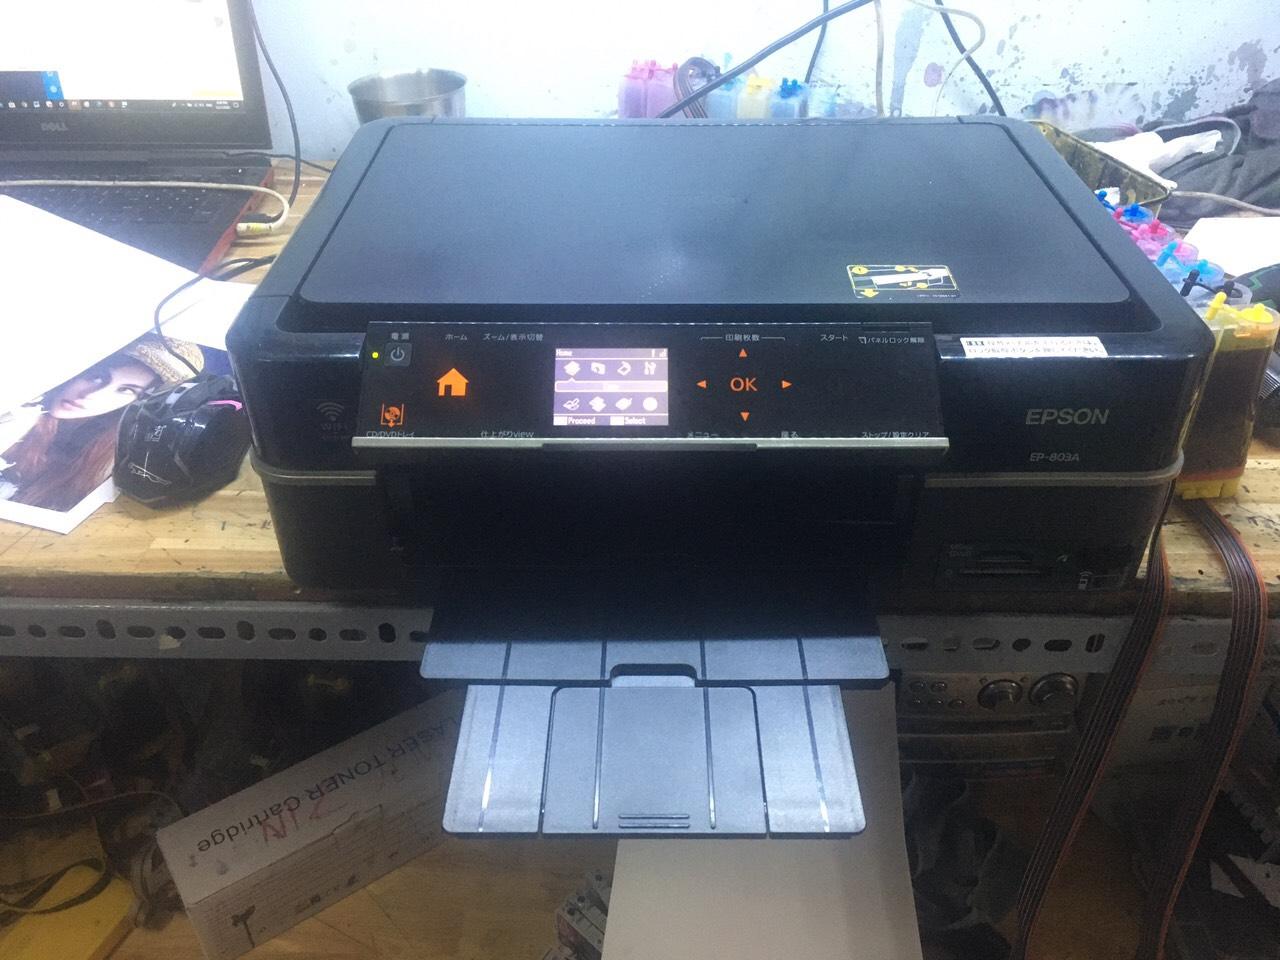 Máy in Epson 803a - Gắn hệ thống mực dầu pigment Uv in ảnh không phai